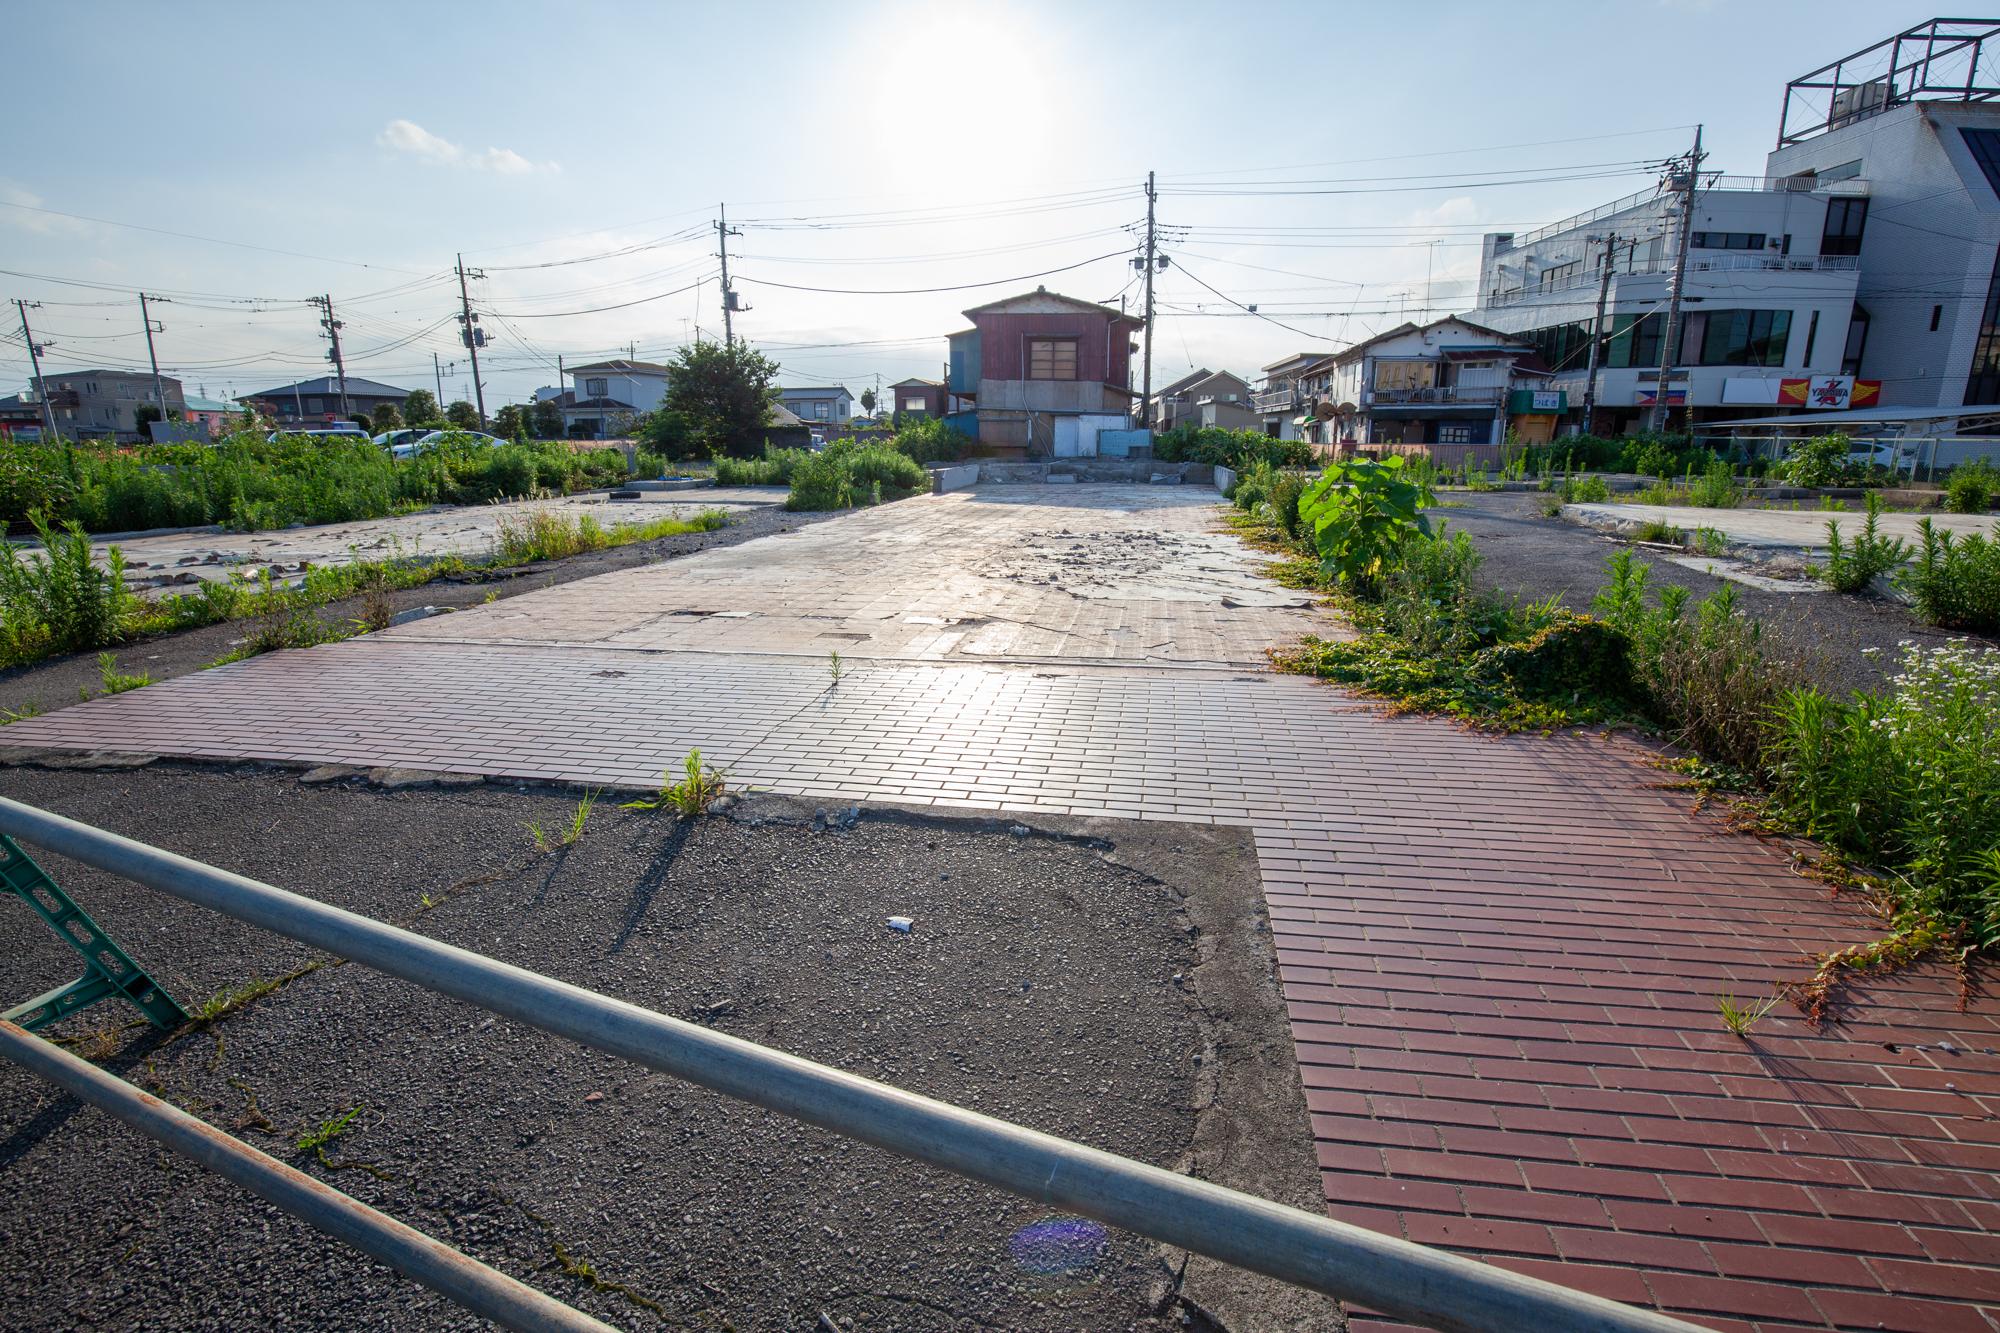 f:id:akichiniiko:20200530215725j:plain